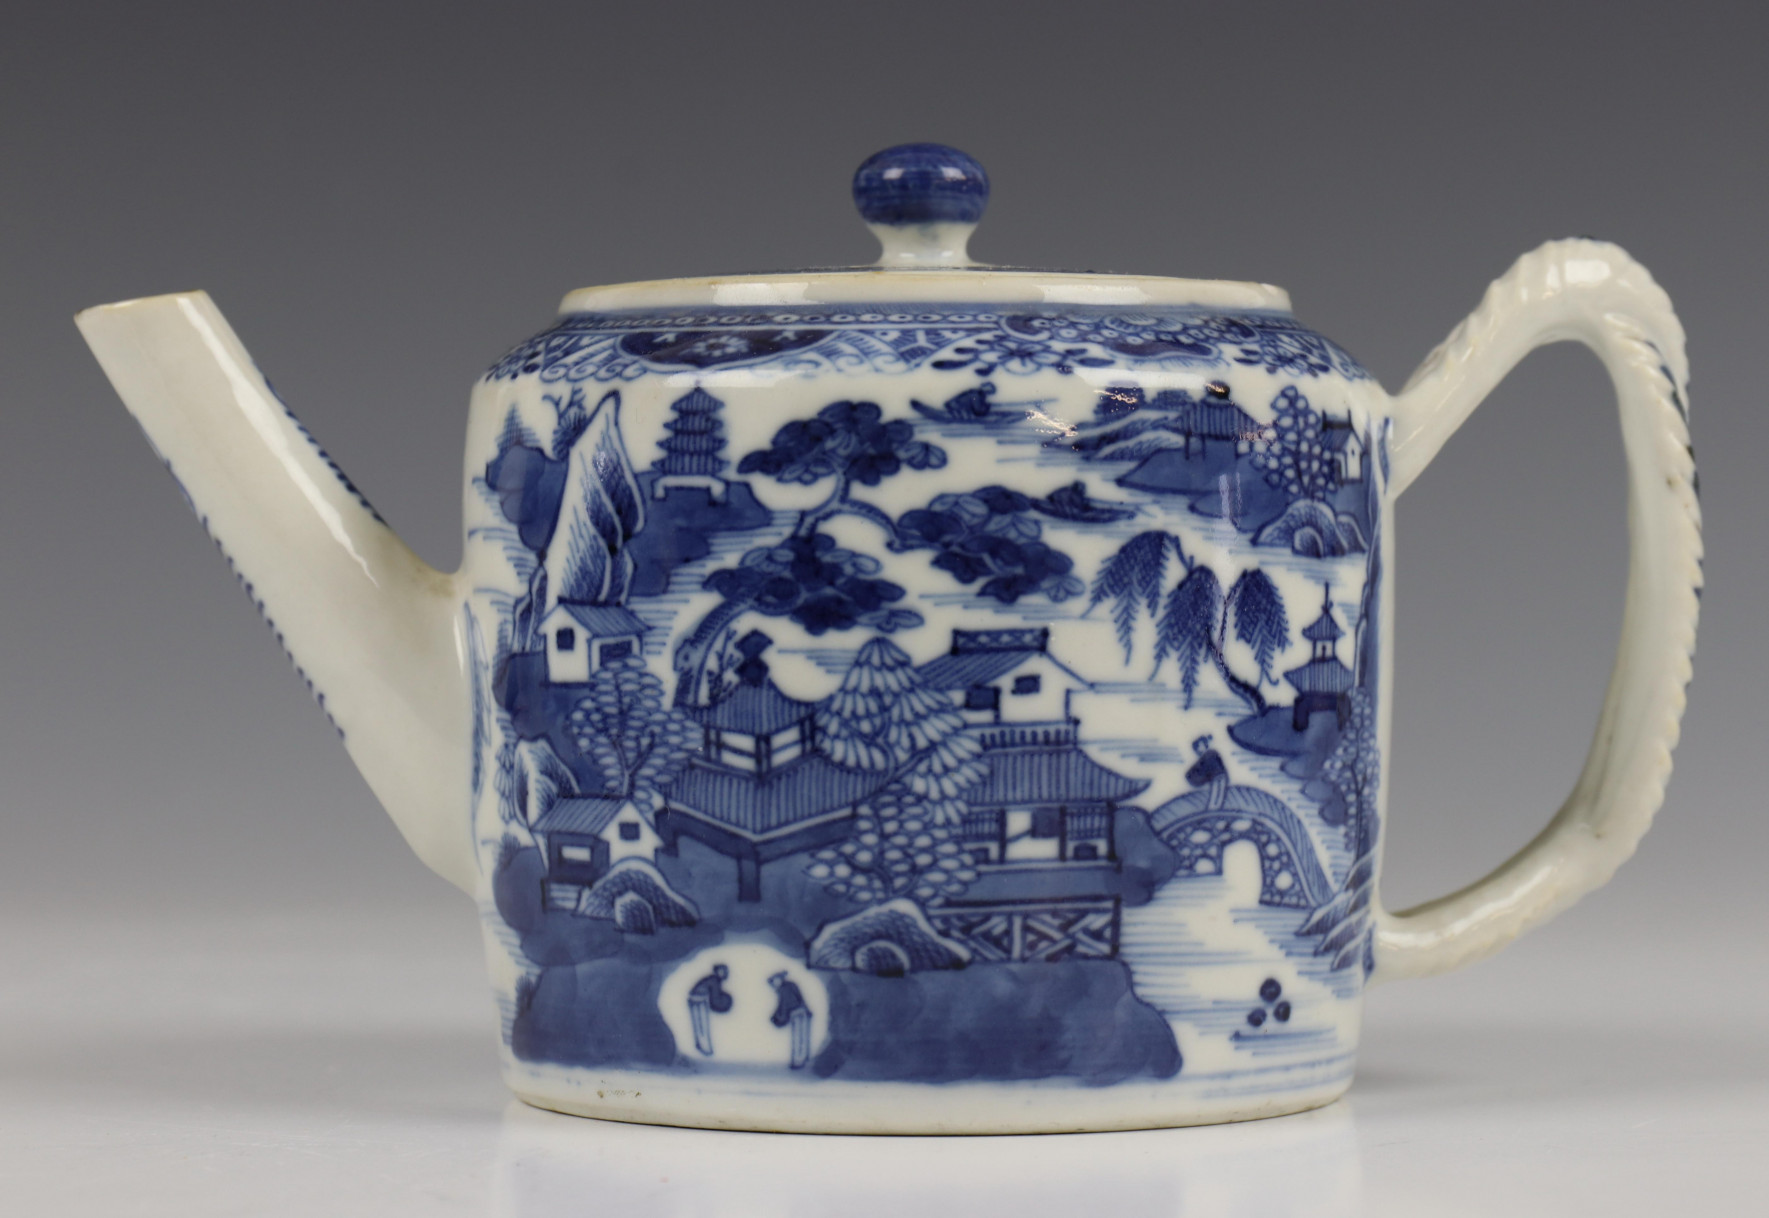 China, blauw-wit porseleinen trekpot, Imari trekpotje en melkkan, 18e eeuw, - Image 7 of 21